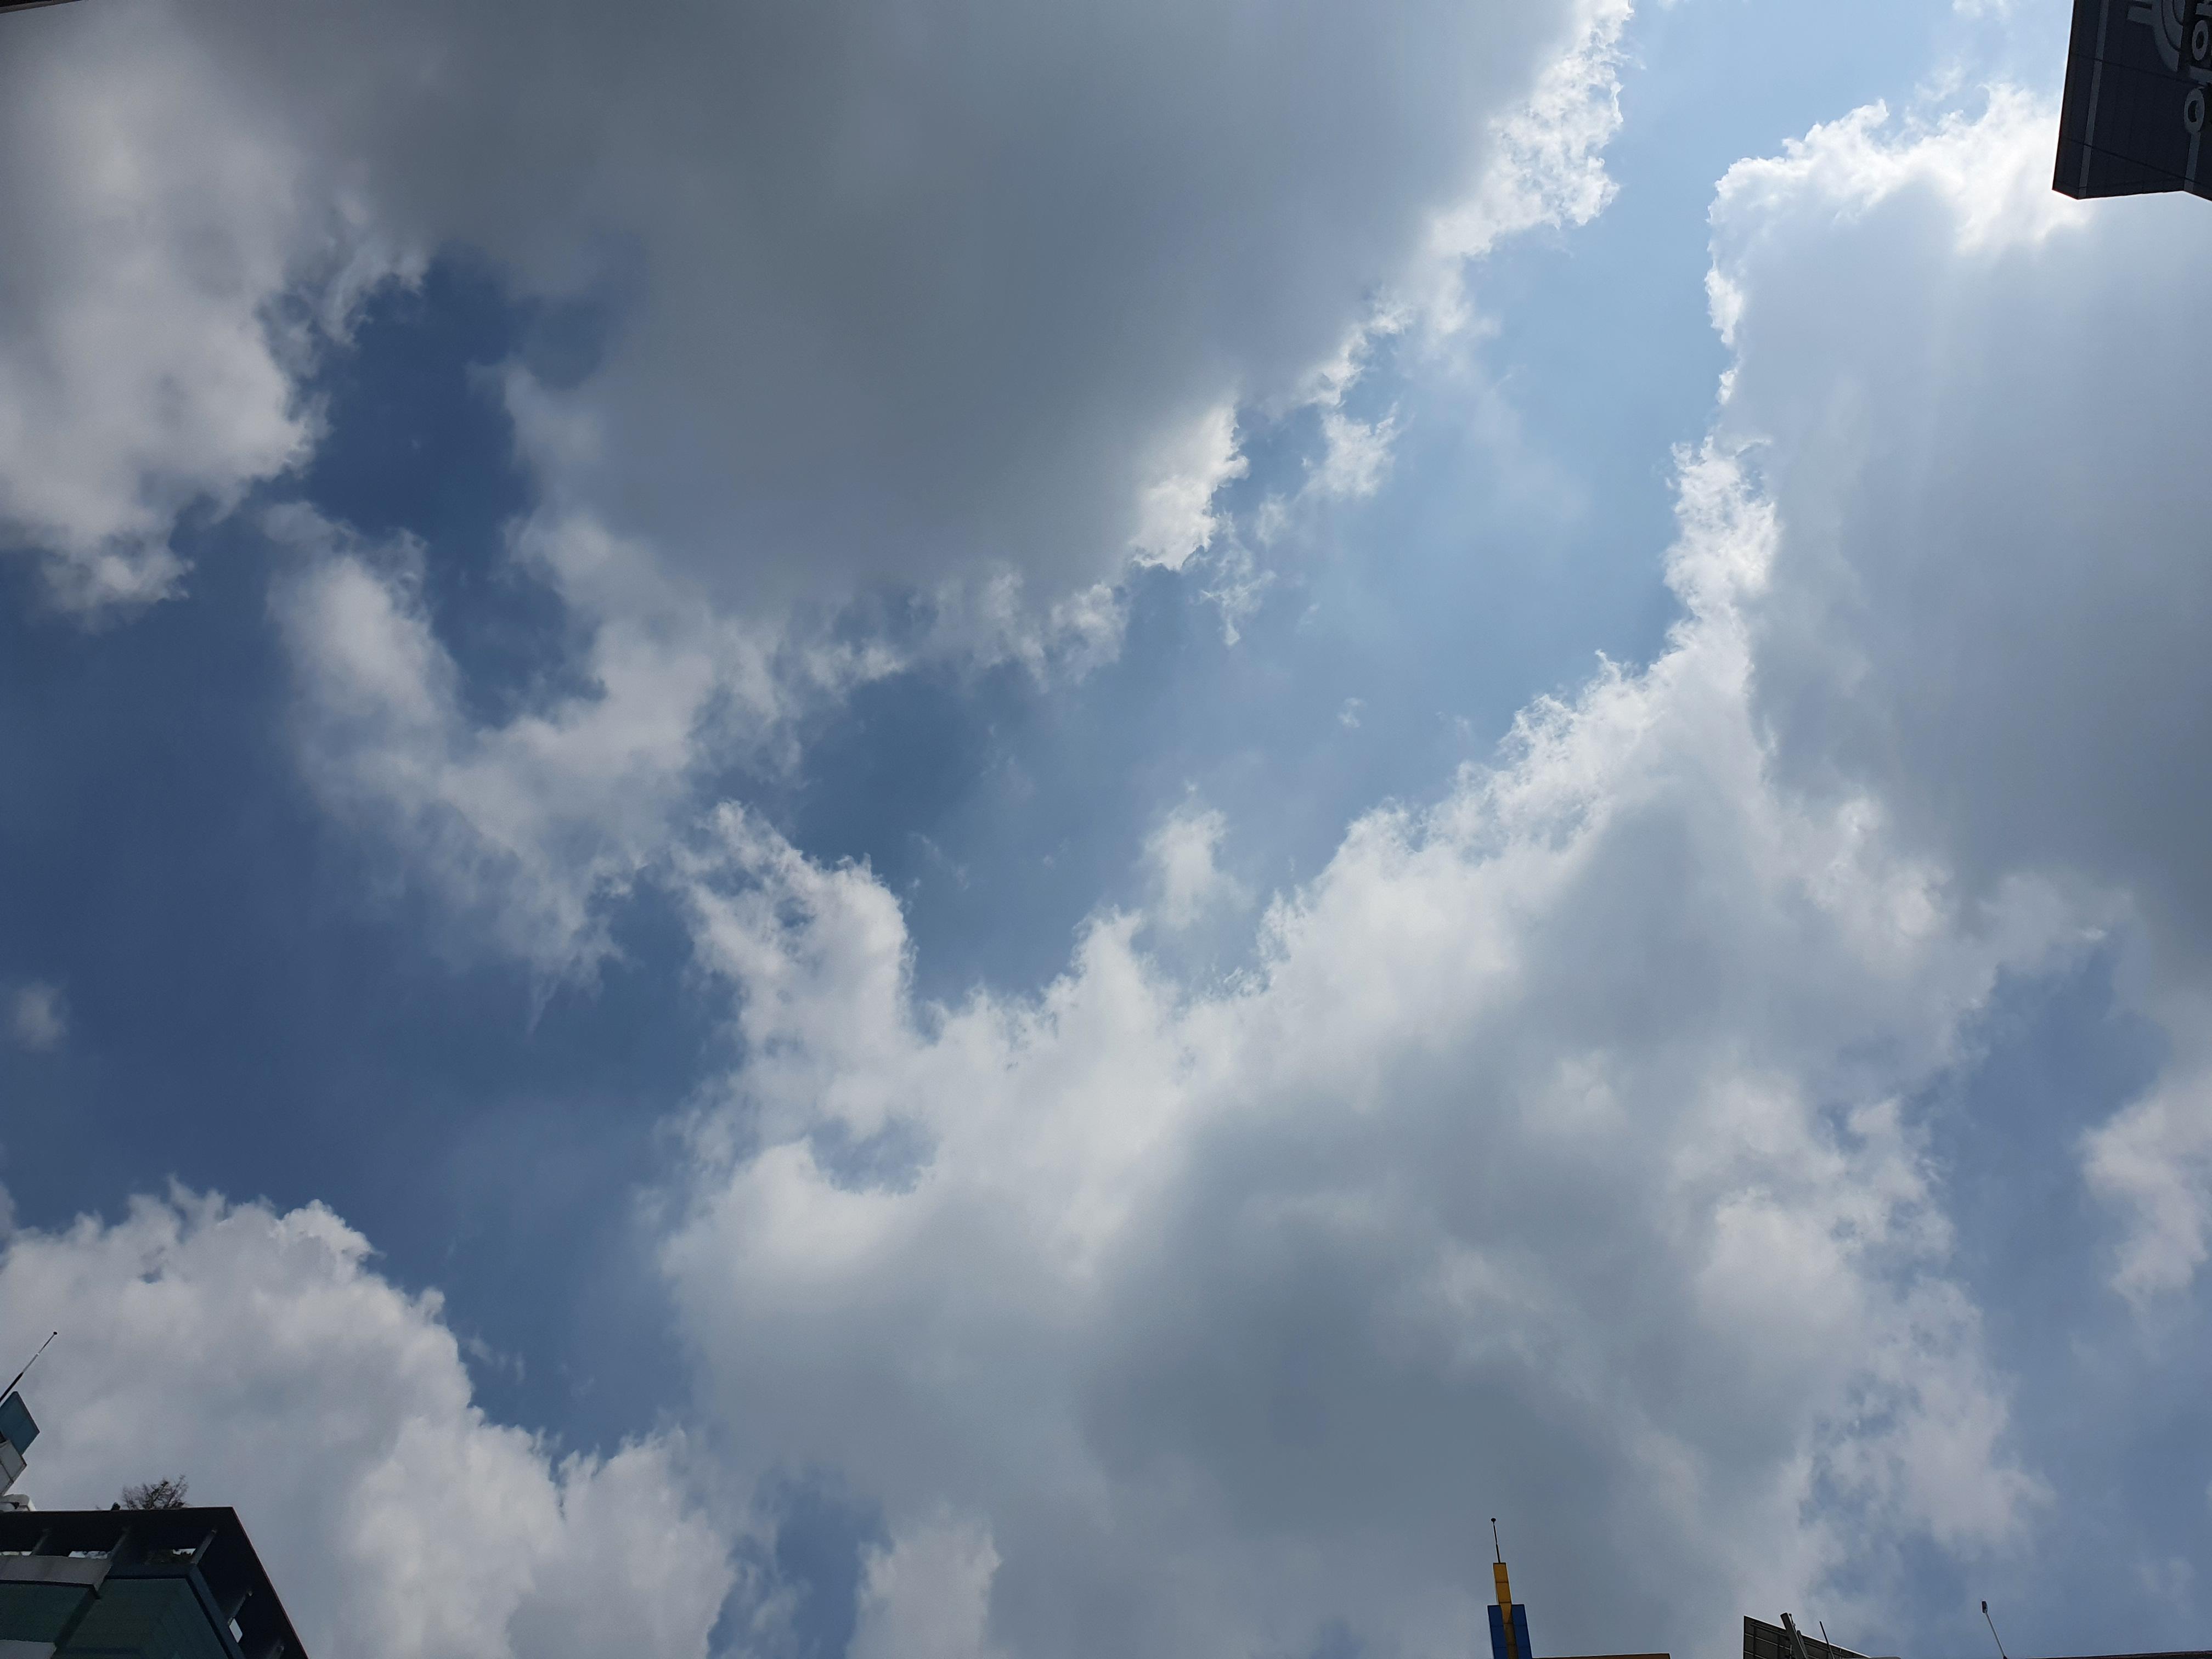 여름 하늘, 날씨 참 좋다